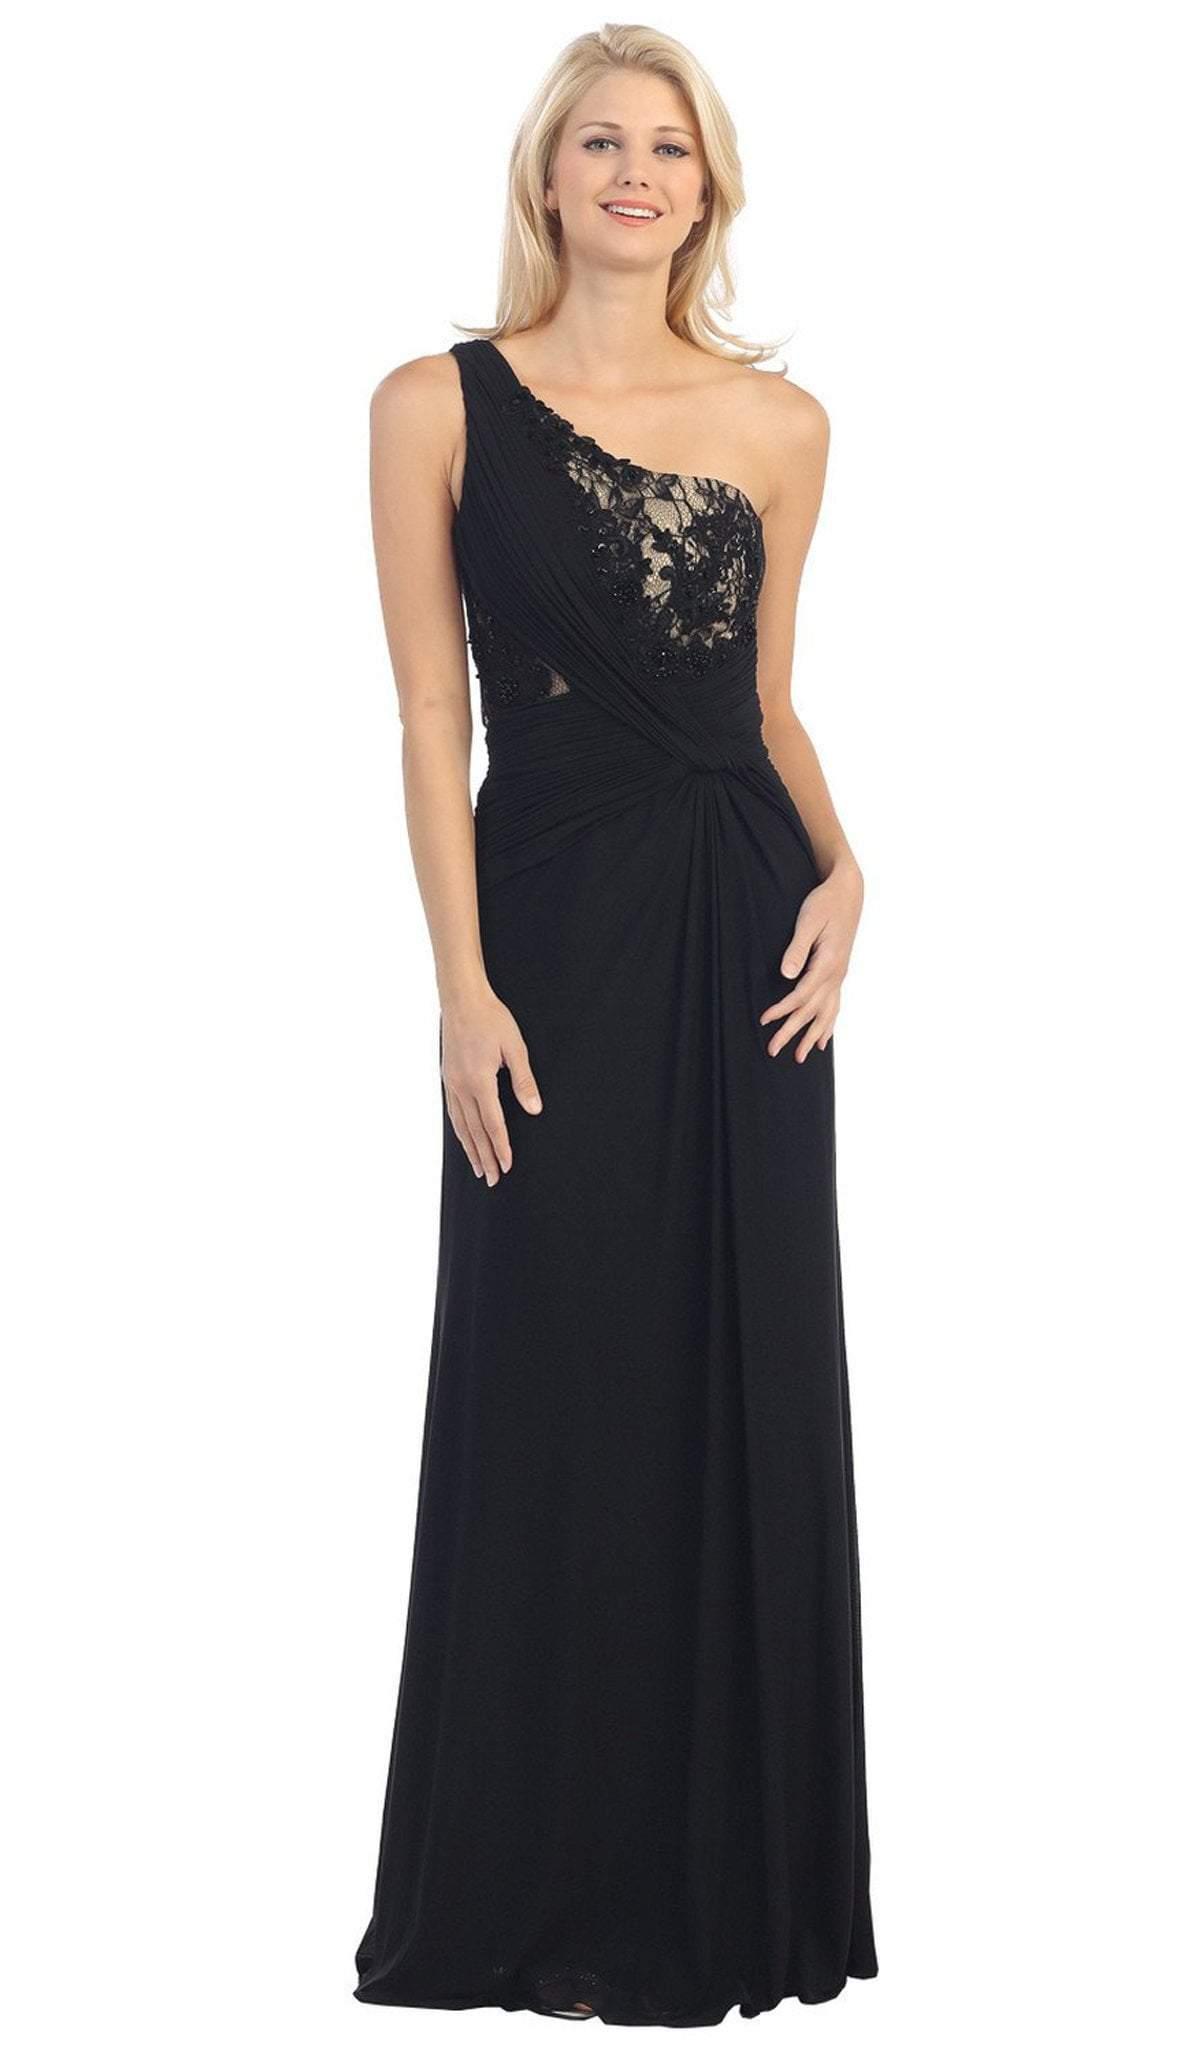 Eureka Fashion - 2370 Lace Asymmetric Long Sheath Dress